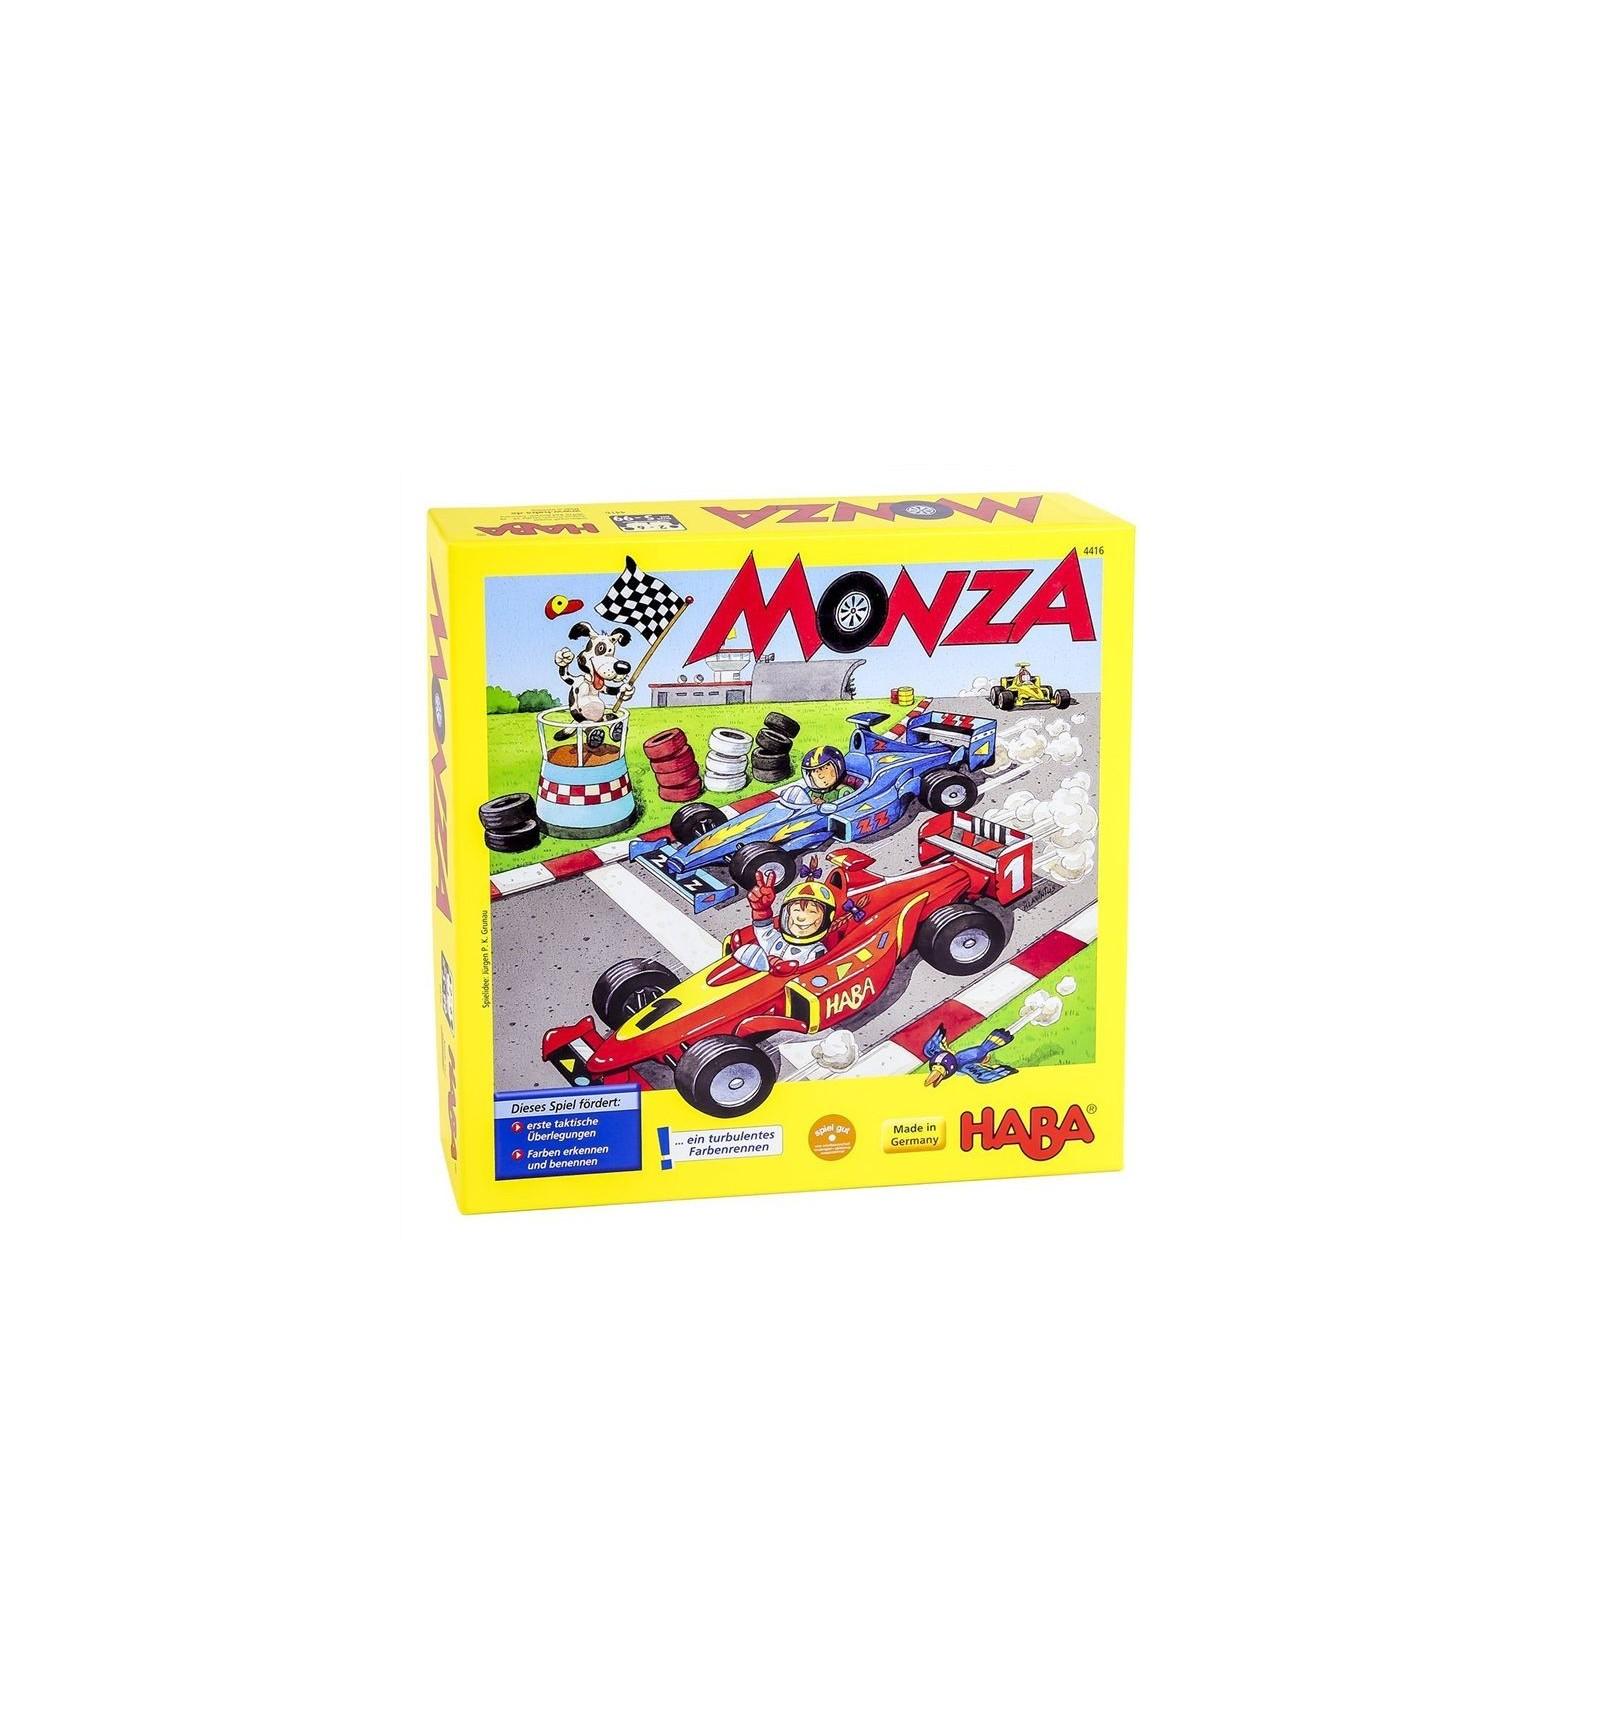 Monza juego de mesa for Time stories juego de mesa